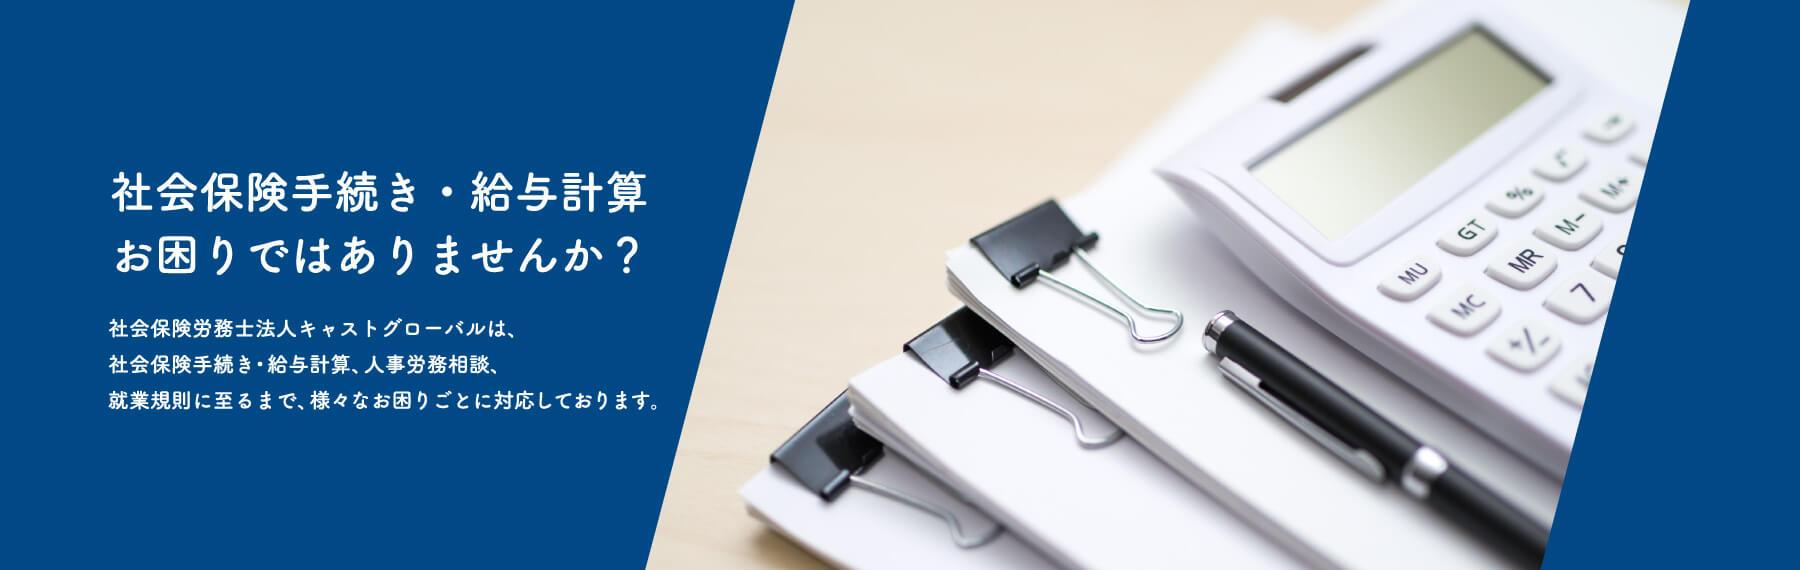 社会保険手続き・給与計算お困りではありませんか?